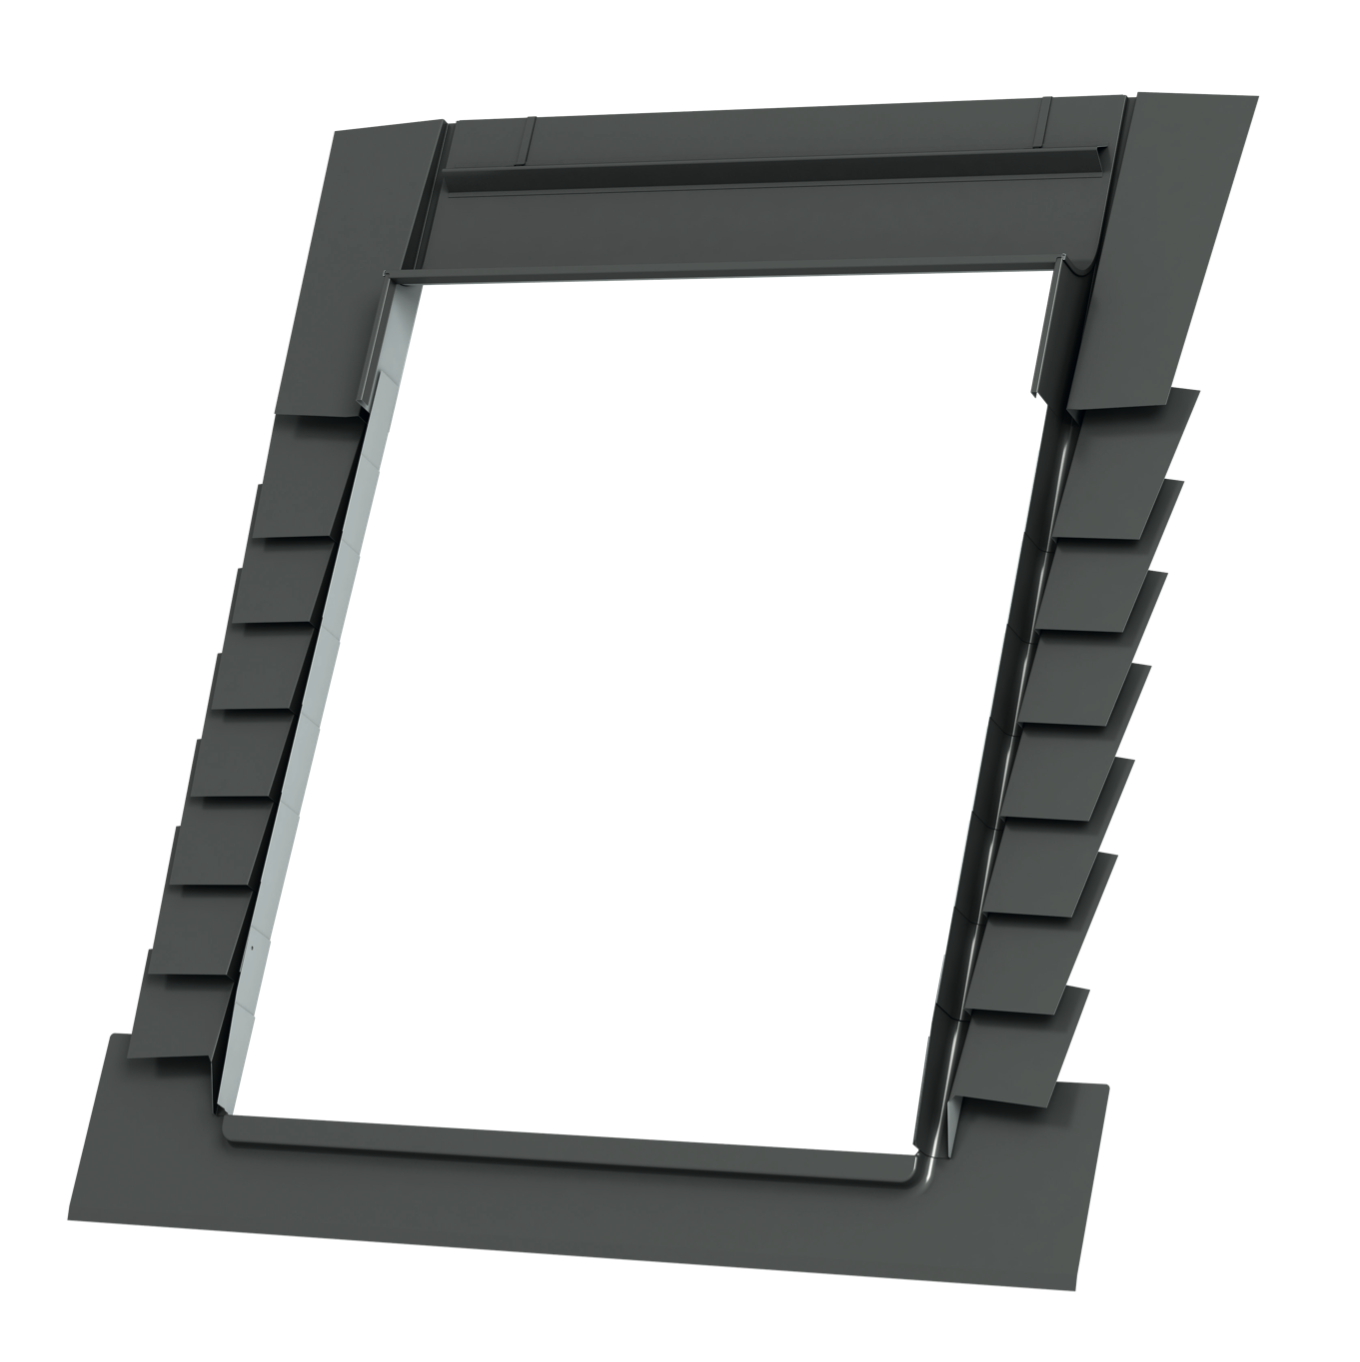 Lemování KEYLITE PTRF  1 pro Bobrovku  55x78 cm    Single